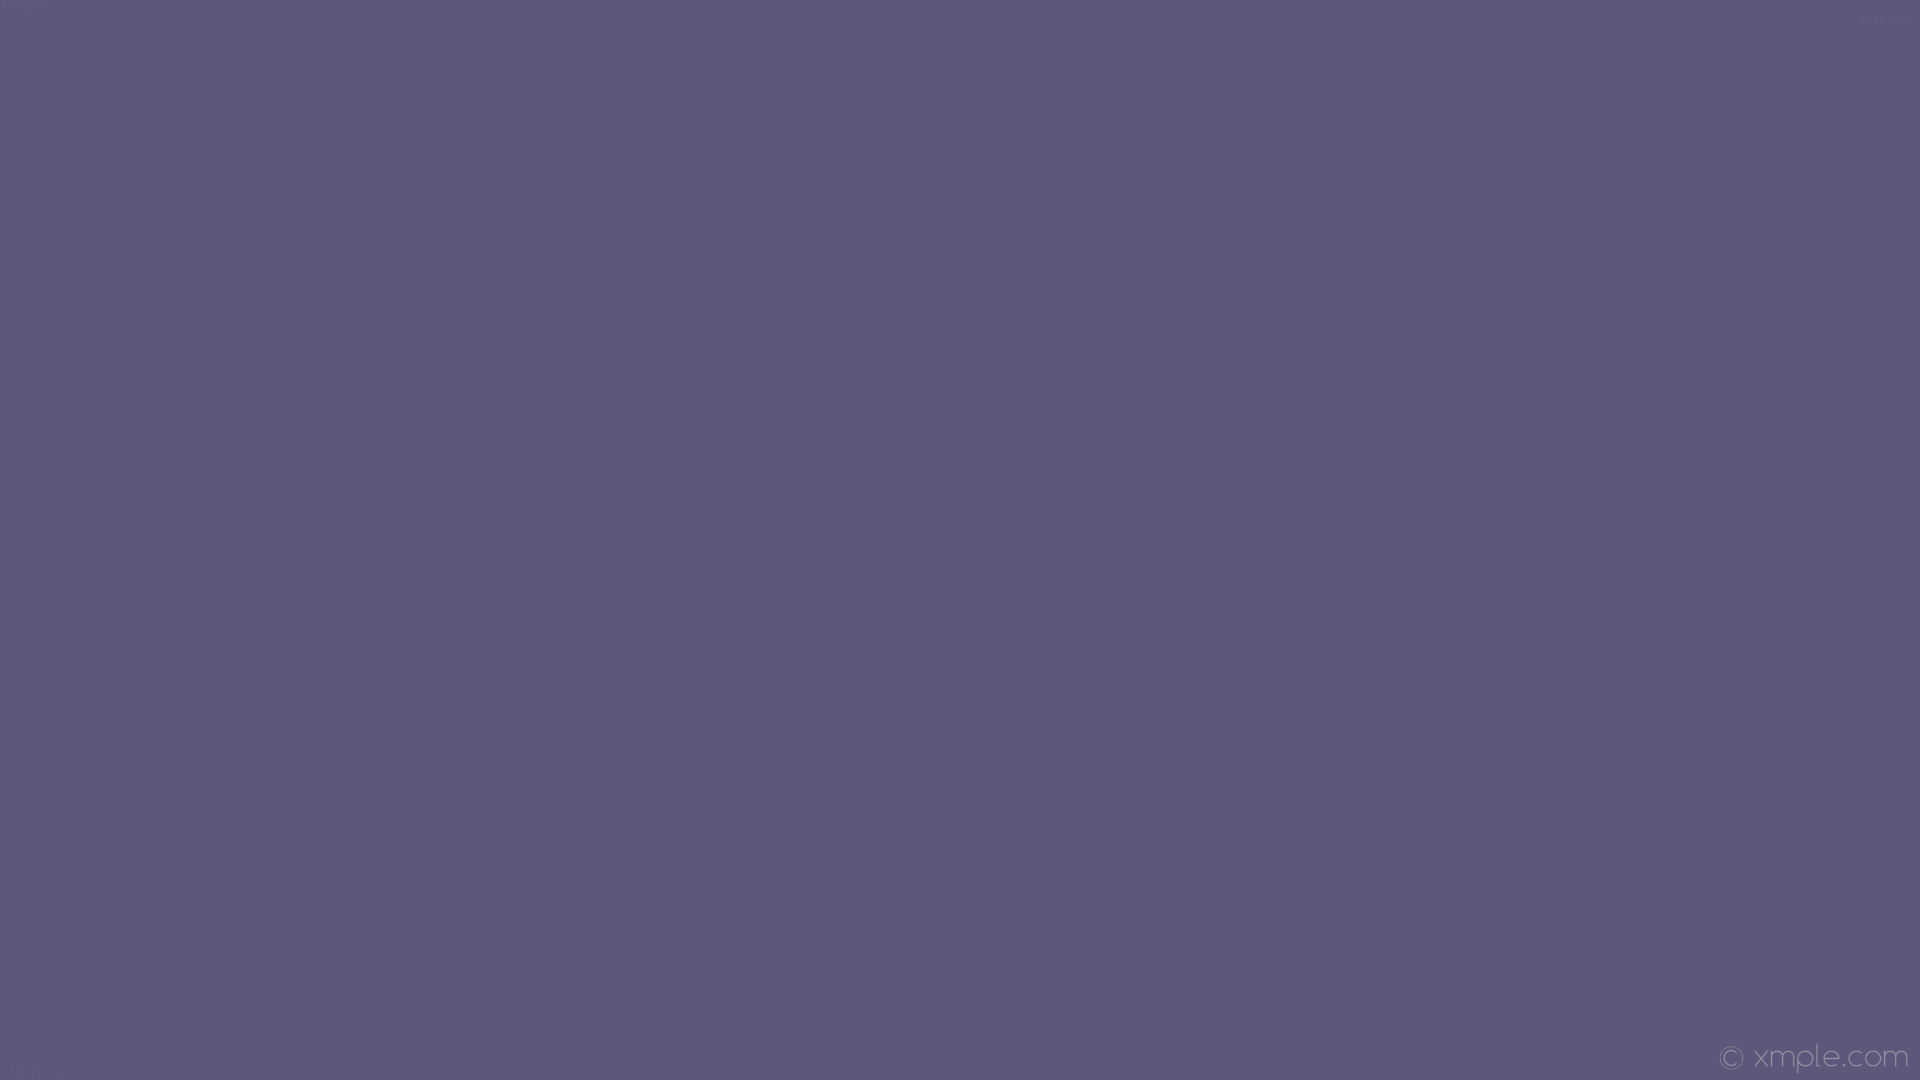 wallpaper solid color single blue plain one colour #5f567c